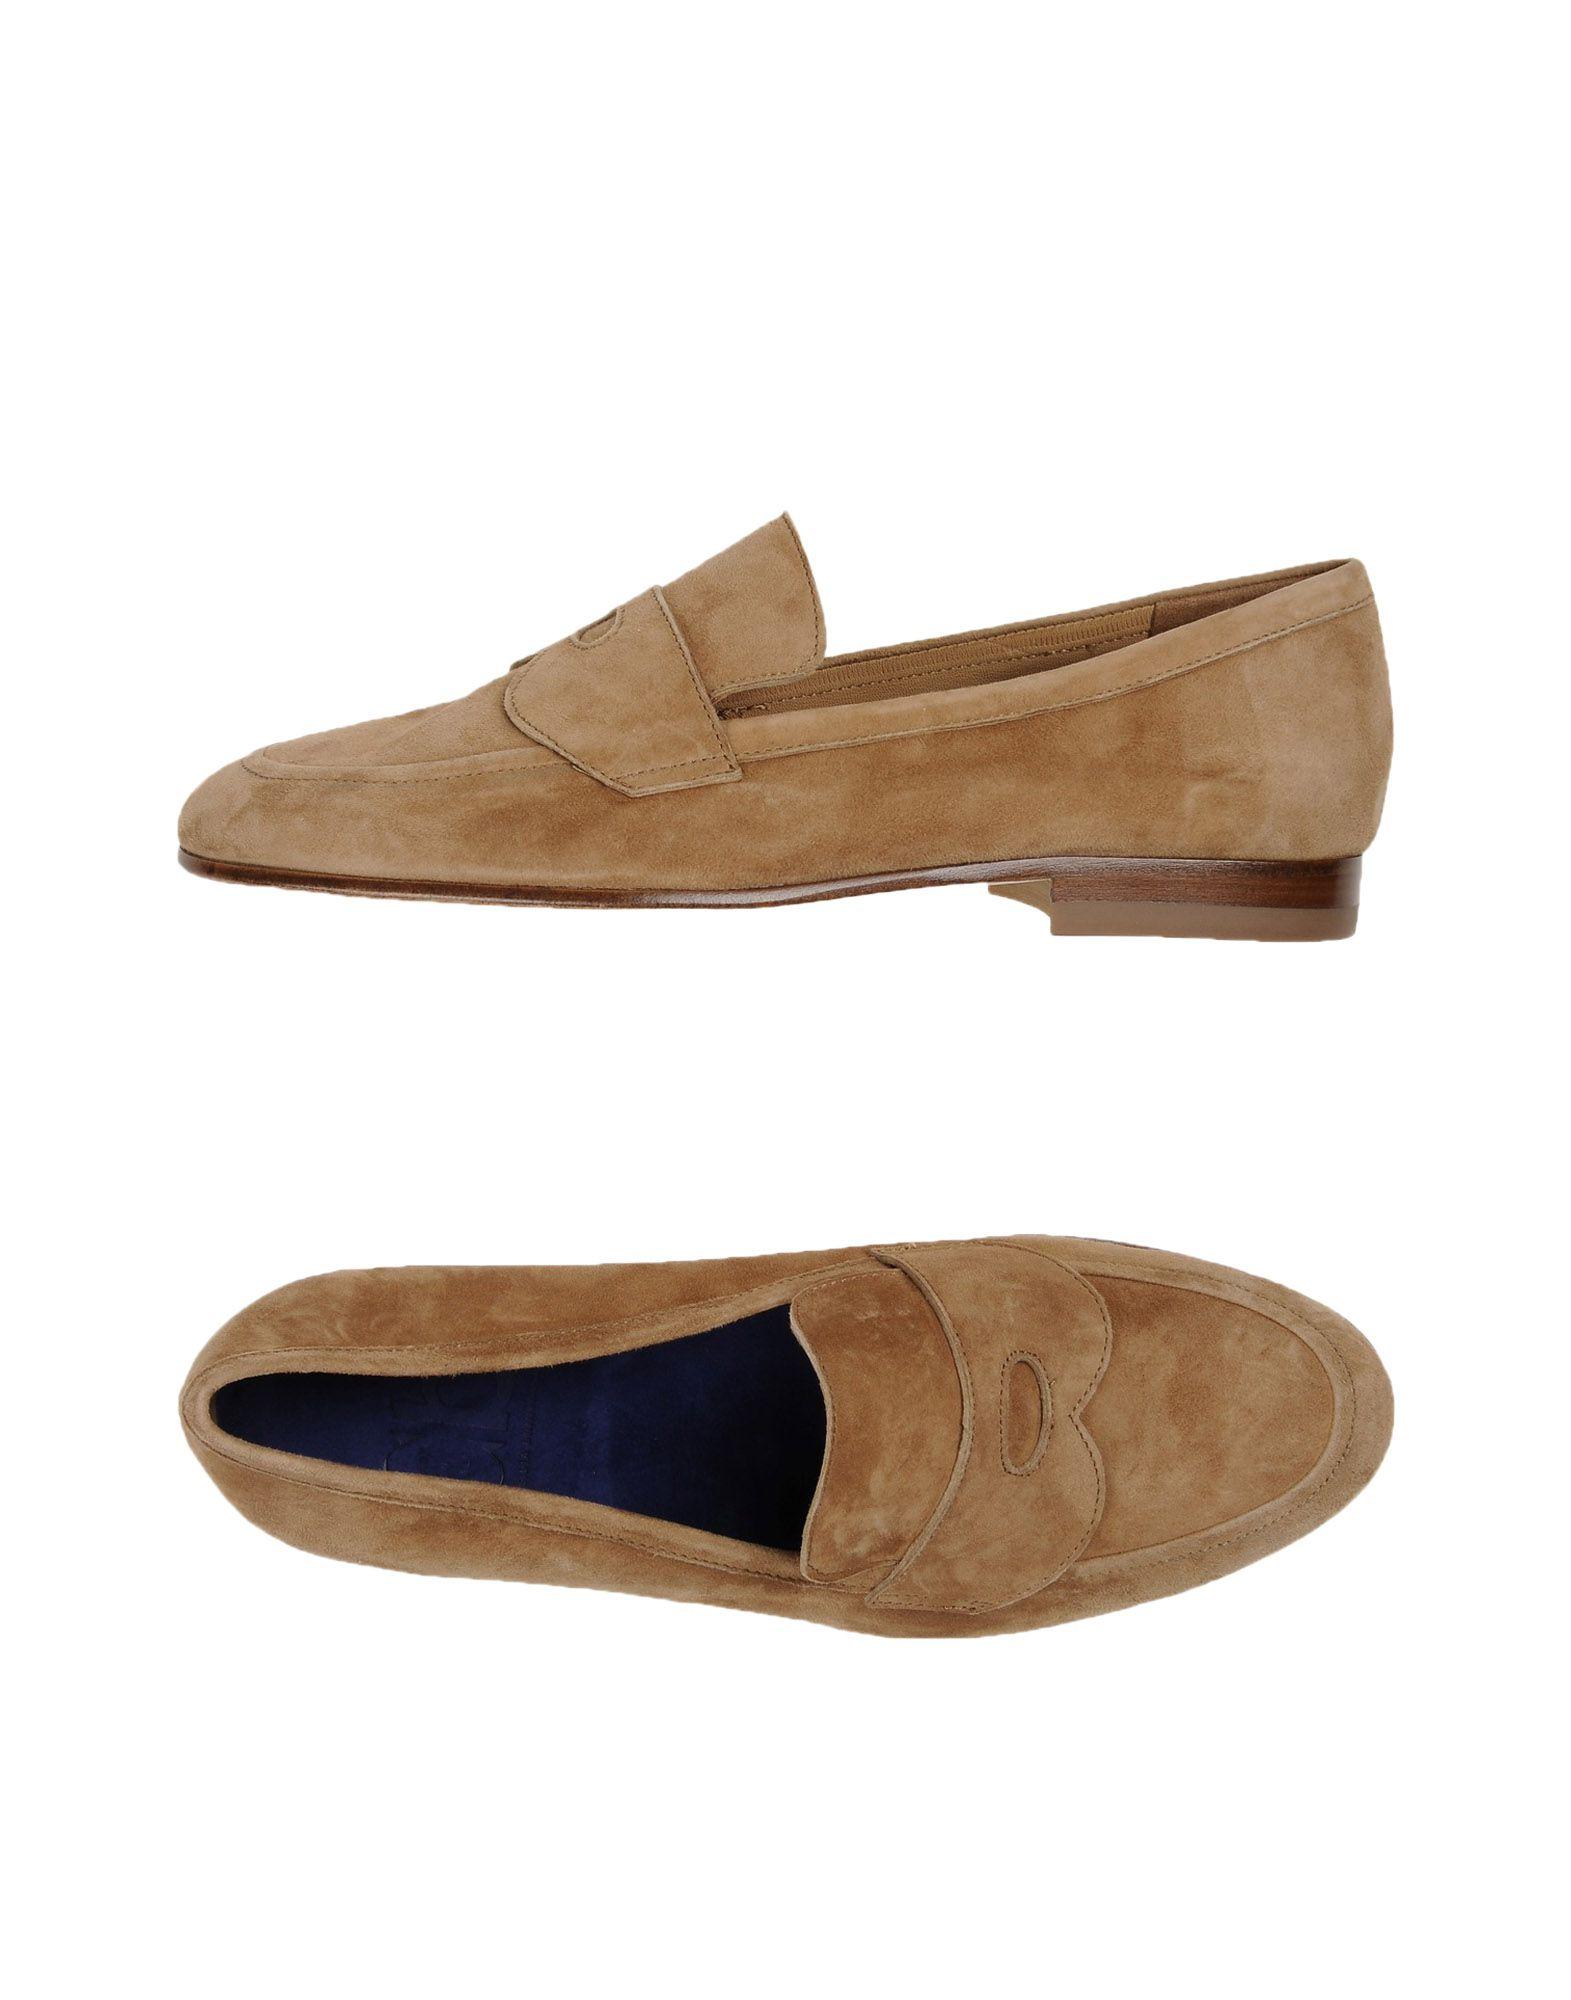 CB CECILIA BRINGHELI Loafers in Sand